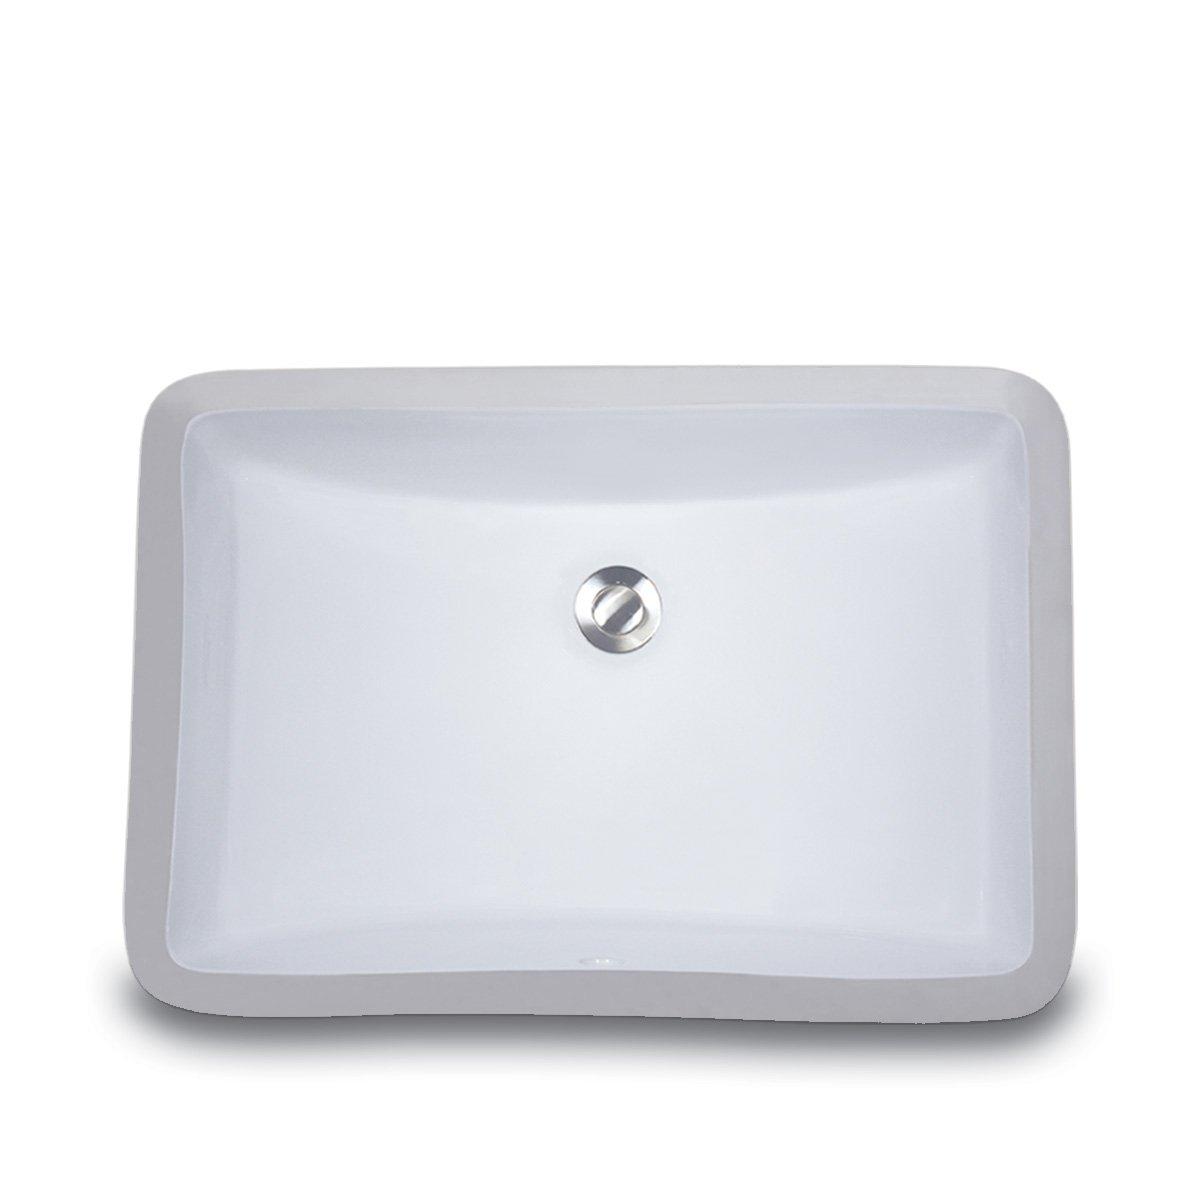 Nantucket Sinks Um 18x12 W 18 Inch By 12 Inch Rectangle Ceramic